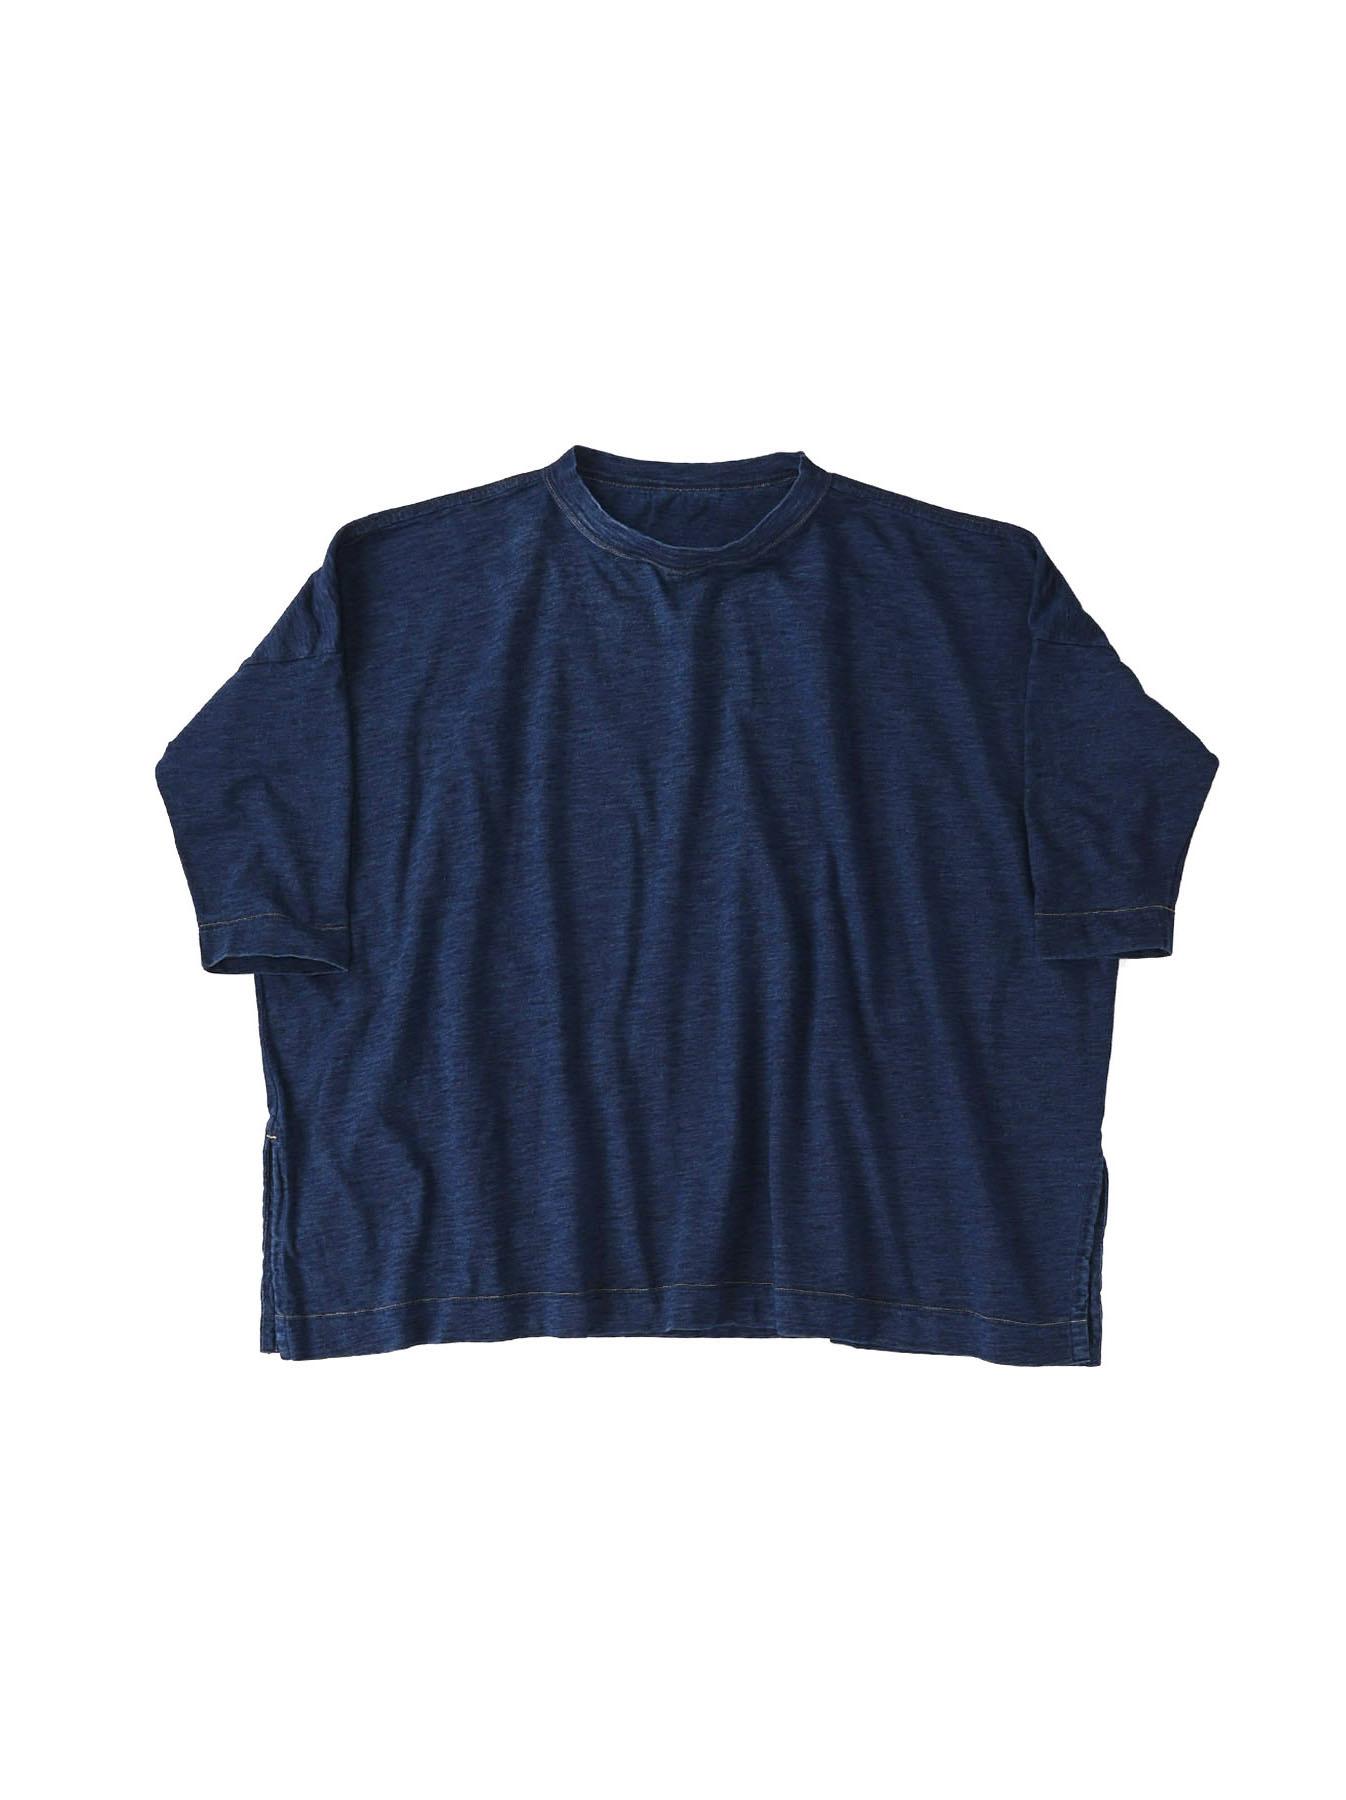 Indigo Zyu Zimbabwe Cotton Big Slit T-shirt (0721)-1